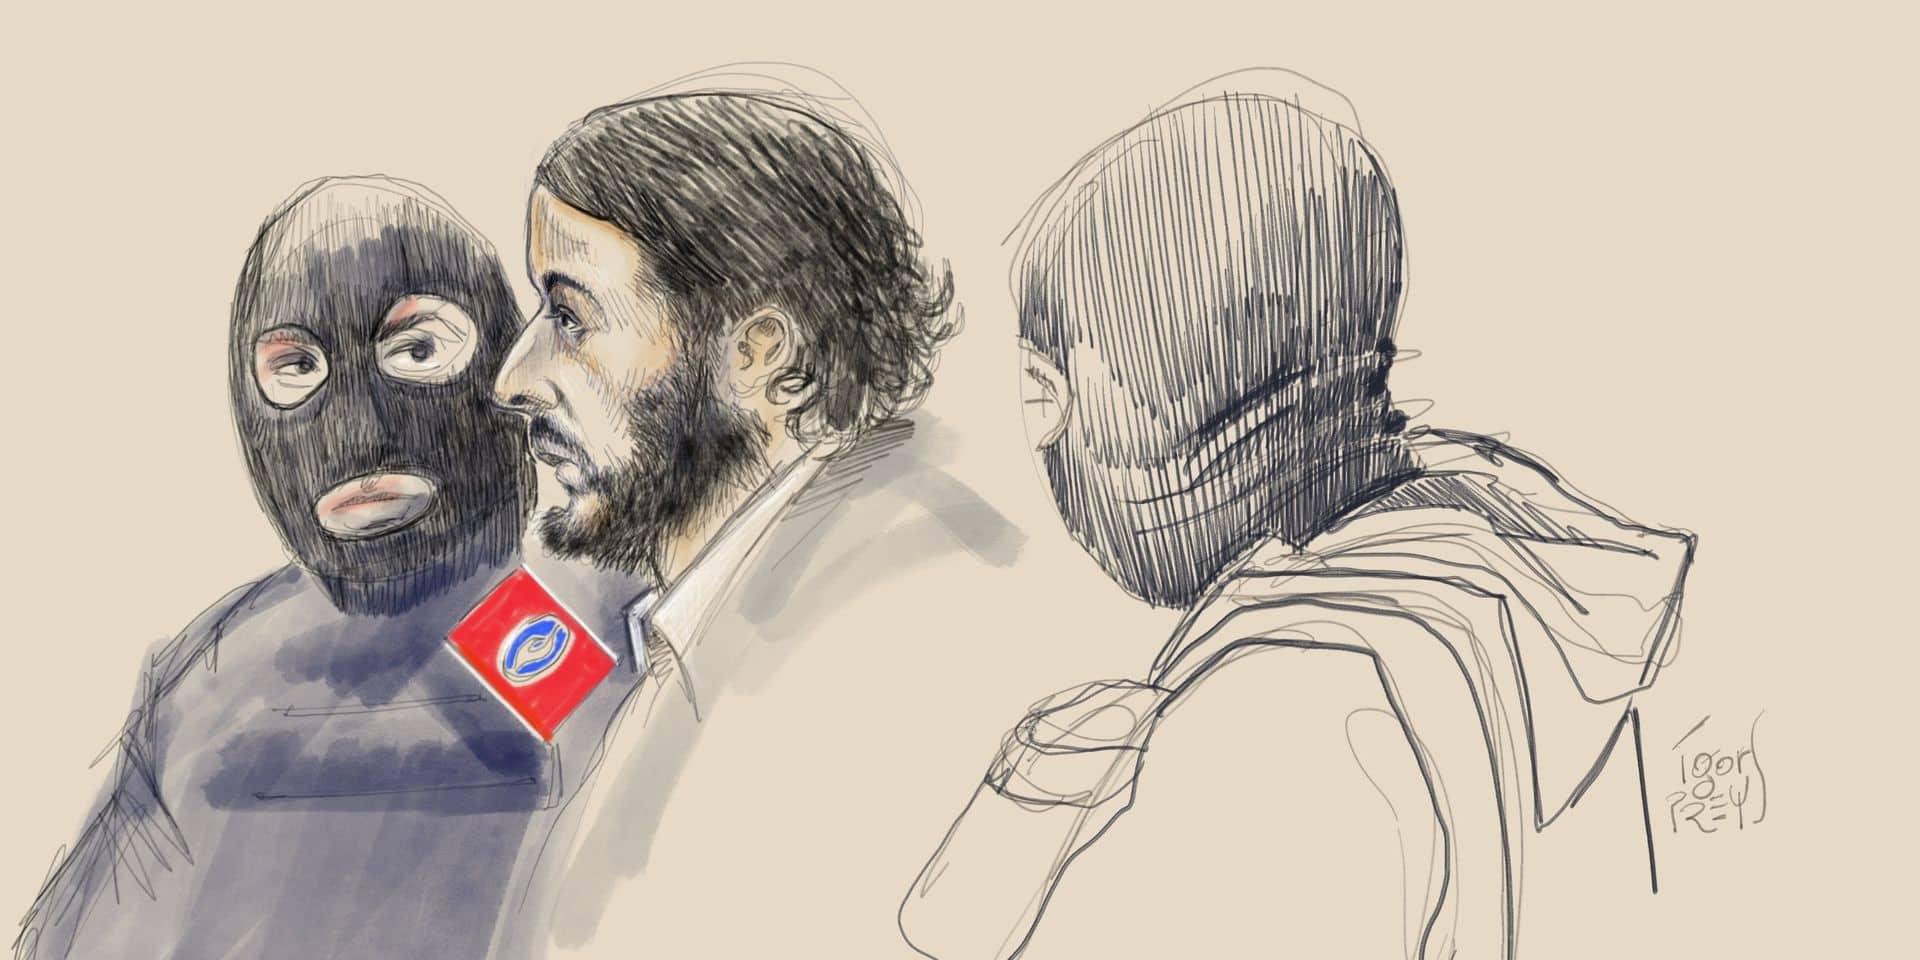 Attentats à Paris: vingt personnes renvoyées devant les assises françaises, dont Salah Abdeslam